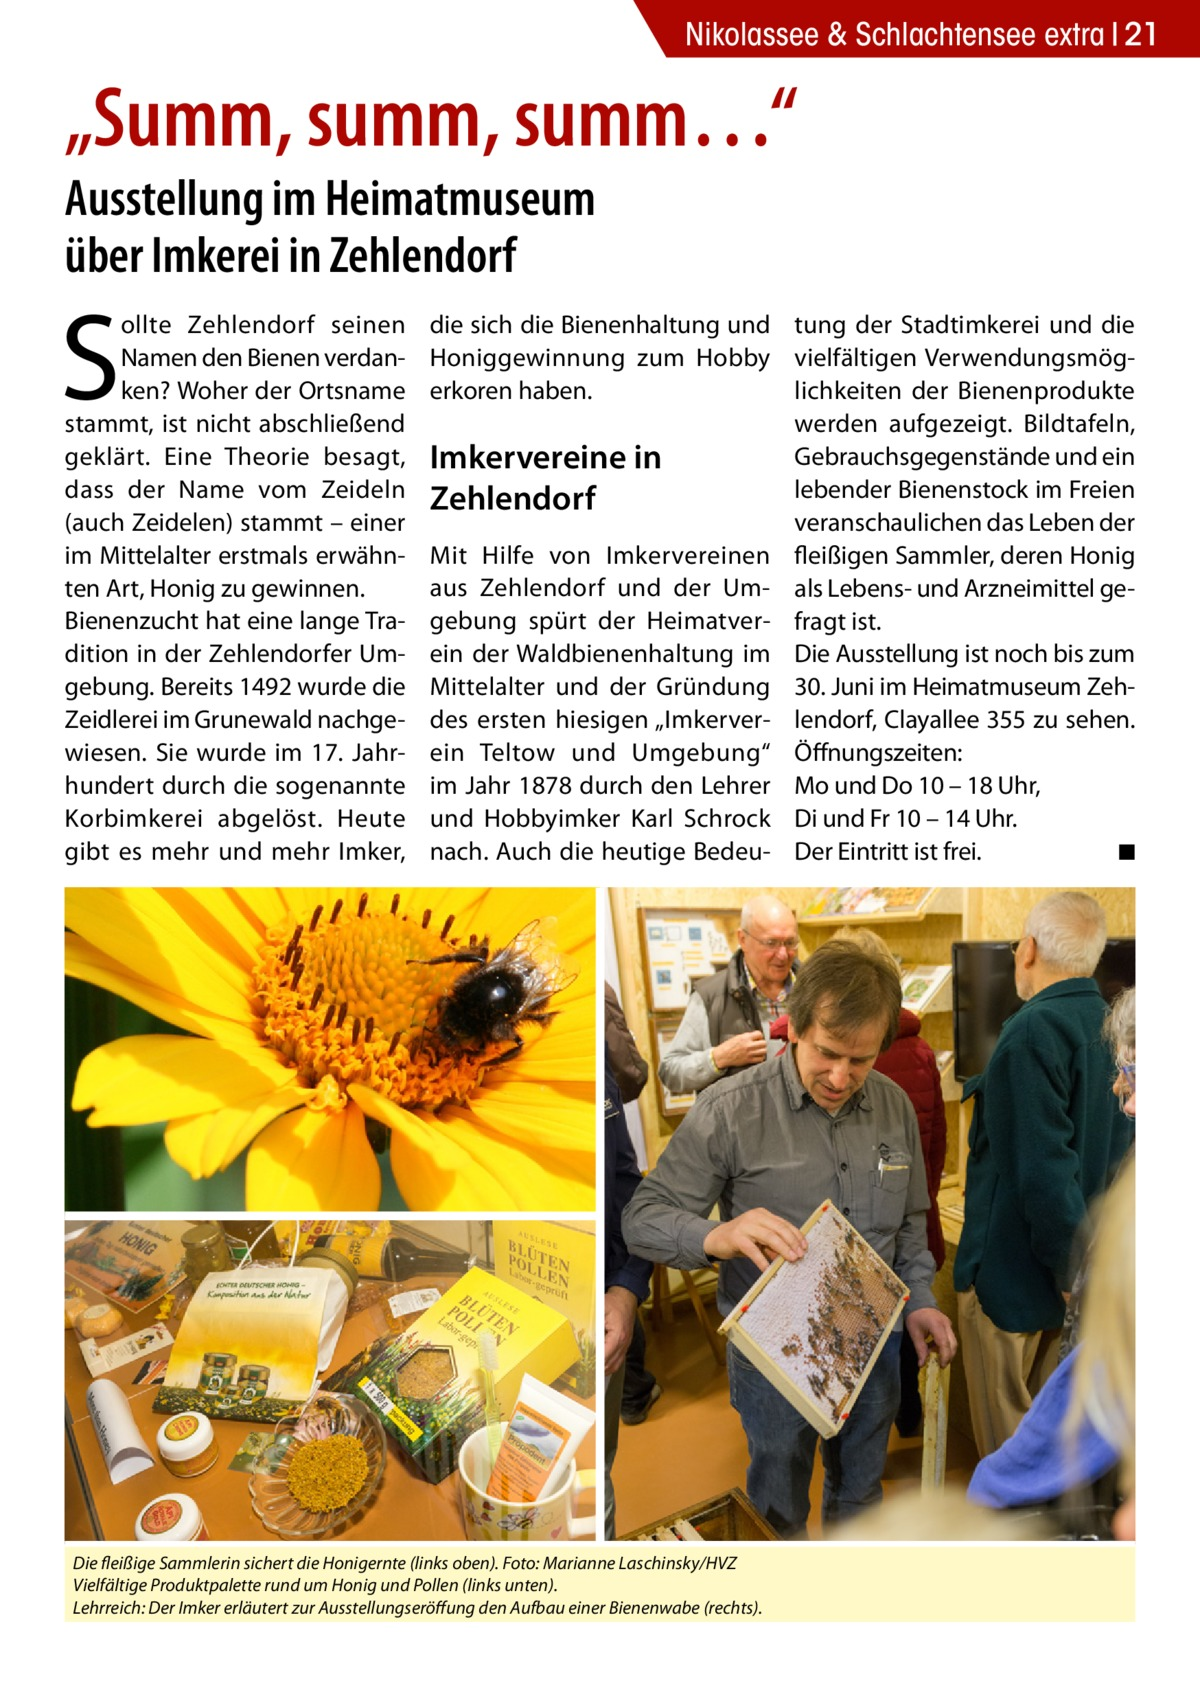 """Nikolassee & Schlachtensee extra 21  """"Summ, summ, summ…"""" Ausstellung im Heimatmuseum über Imkerei in Zehlendorf  S  ollte Zehlendorf seinen Namen den Bienen verdanken? Woher der Ortsname stammt, ist nicht abschließend geklärt. Eine Theorie besagt, dass der Name vom Zeideln (auch Zeidelen) stammt – einer im Mittelalter erstmals erwähnten Art, Honig zu gewinnen. Bienenzucht hat eine lange Tradition in der Zehlendorfer Umgebung. Bereits 1492 wurde die Zeidlerei im Grunewald nachgewiesen. Sie wurde im 17. Jahrhundert durch die sogenannte Korbimkerei abgelöst. Heute gibt es mehr und mehr Imker,  die sich die Bienenhaltung und tung der Stadtimkerei und die Honiggewinnung zum Hobby vielfältigen Verwendungsmöglichkeiten der Bienenprodukte erkoren haben. werden aufgezeigt. Bildtafeln, Gebrauchsgegenstände und ein Imkervereine in lebender Bienenstock im Freien Zehlendorf veranschaulichen das Leben der Mit Hilfe von Imkervereinen fleißigen Sammler, deren Honig aus Zehlendorf und der Um- als Lebens- und Arzneimittel gegebung spürt der Heimatver- fragt ist. ein der Waldbienenhaltung im Die Ausstellung ist noch bis zum Mittelalter und der Gründung 30. Juni im Heimatmuseum Zehdes ersten hiesigen """"Imkerver- lendorf, Clayallee 355 zu sehen. ein Teltow und Umgebung"""" Öffnungszeiten: im Jahr 1878 durch den Lehrer Mo und Do 10 – 18 Uhr, und Hobbyimker Karl Schrock Di und Fr 10 – 14 Uhr. nach. Auch die heutige Bedeu- Der Eintritt ist frei. � ◾  Die fleißige Sammlerin sichert die Honigernte (links oben). Foto: Marianne Laschinsky/HVZ Vielfältige Produktpalette rund um Honig und Pollen (links unten). Lehrreich: Der Imker erläutert zur Ausstellungseröffung den Aufbau einer Bienenwabe (rechts)."""